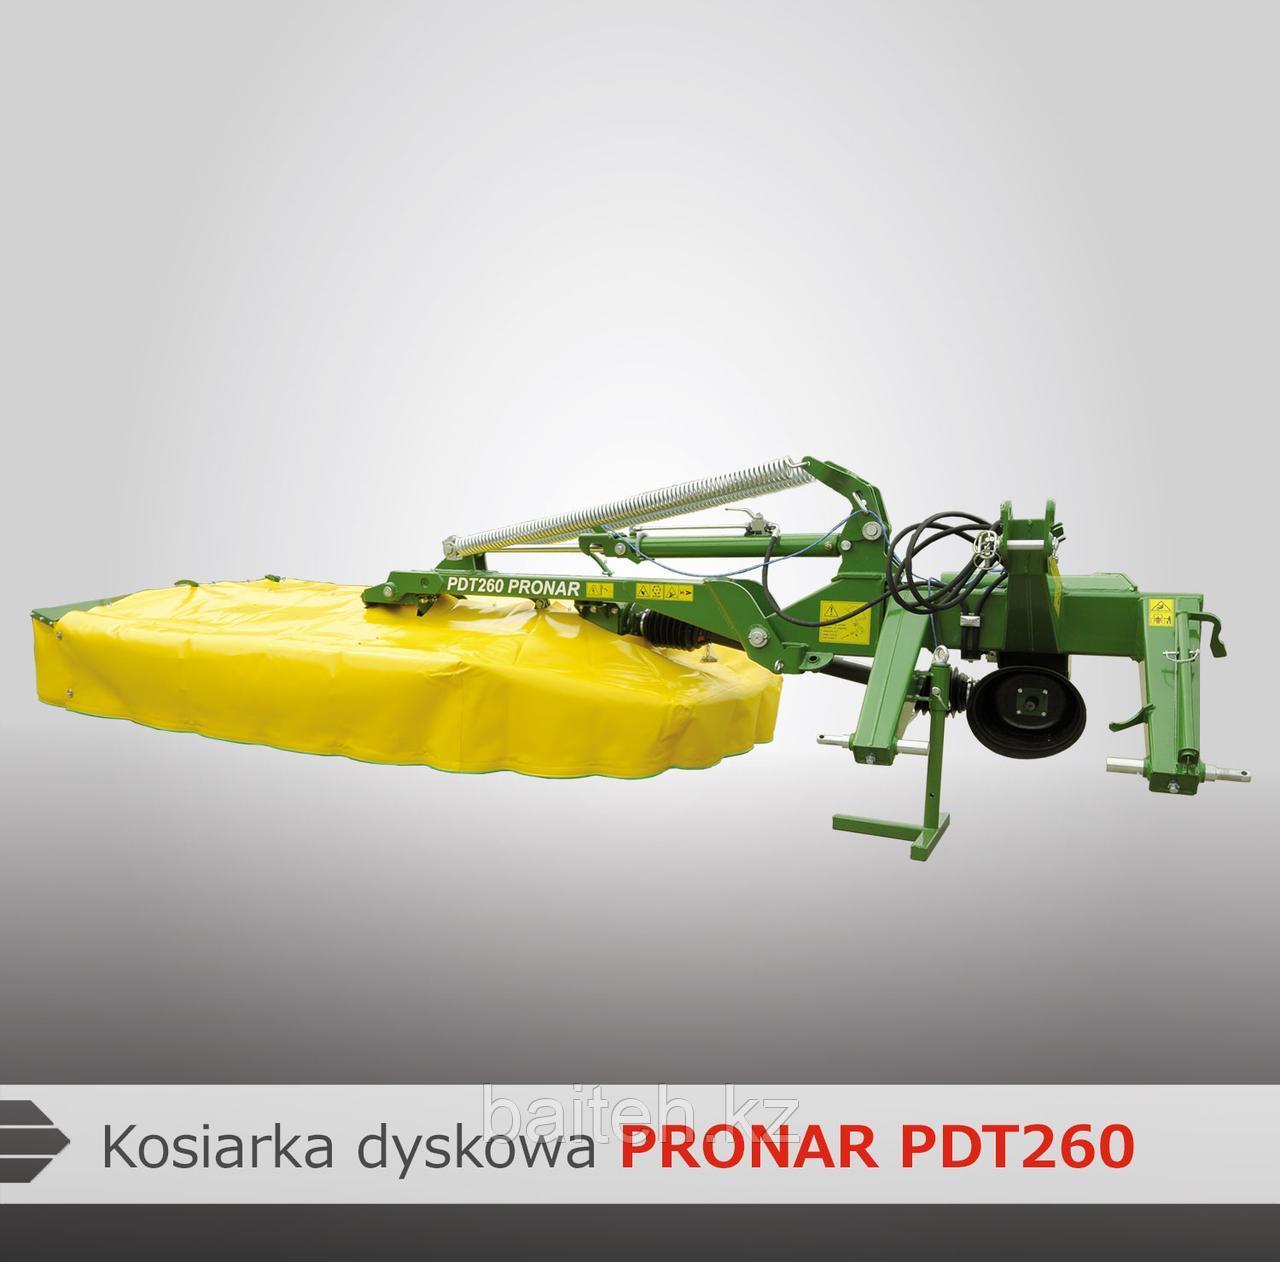 Дисковая задненавесная косилка PRONAR PDT260